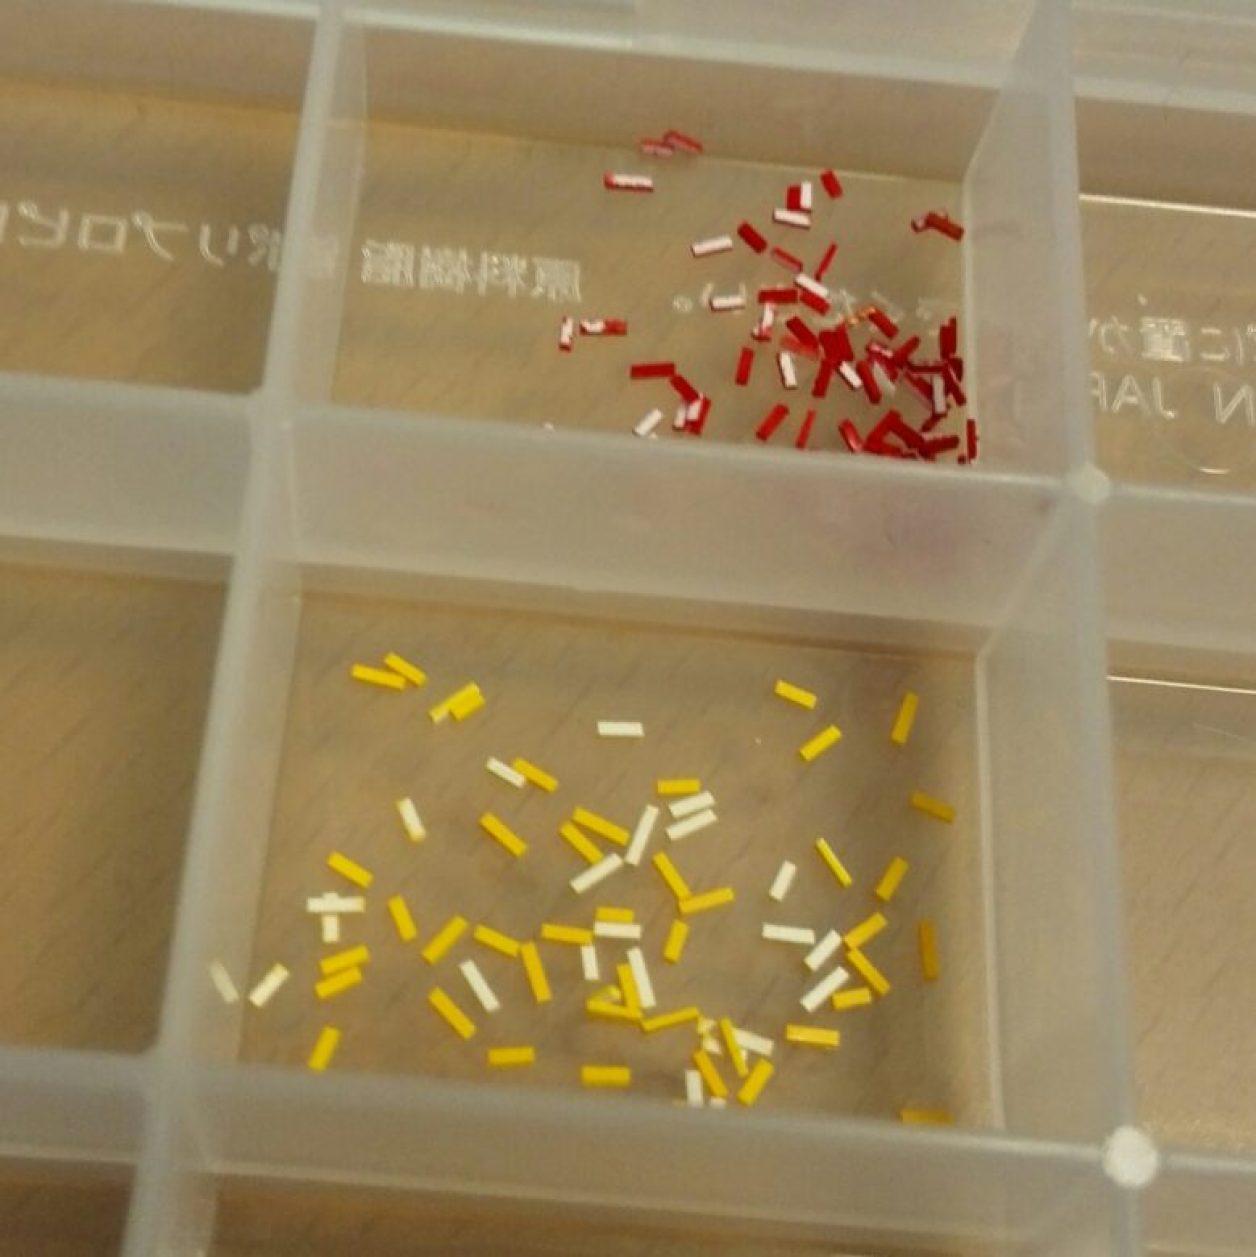 ガンプラ制作の改造によるディテールアップのカラーチップの作成方法と保管方法の画像